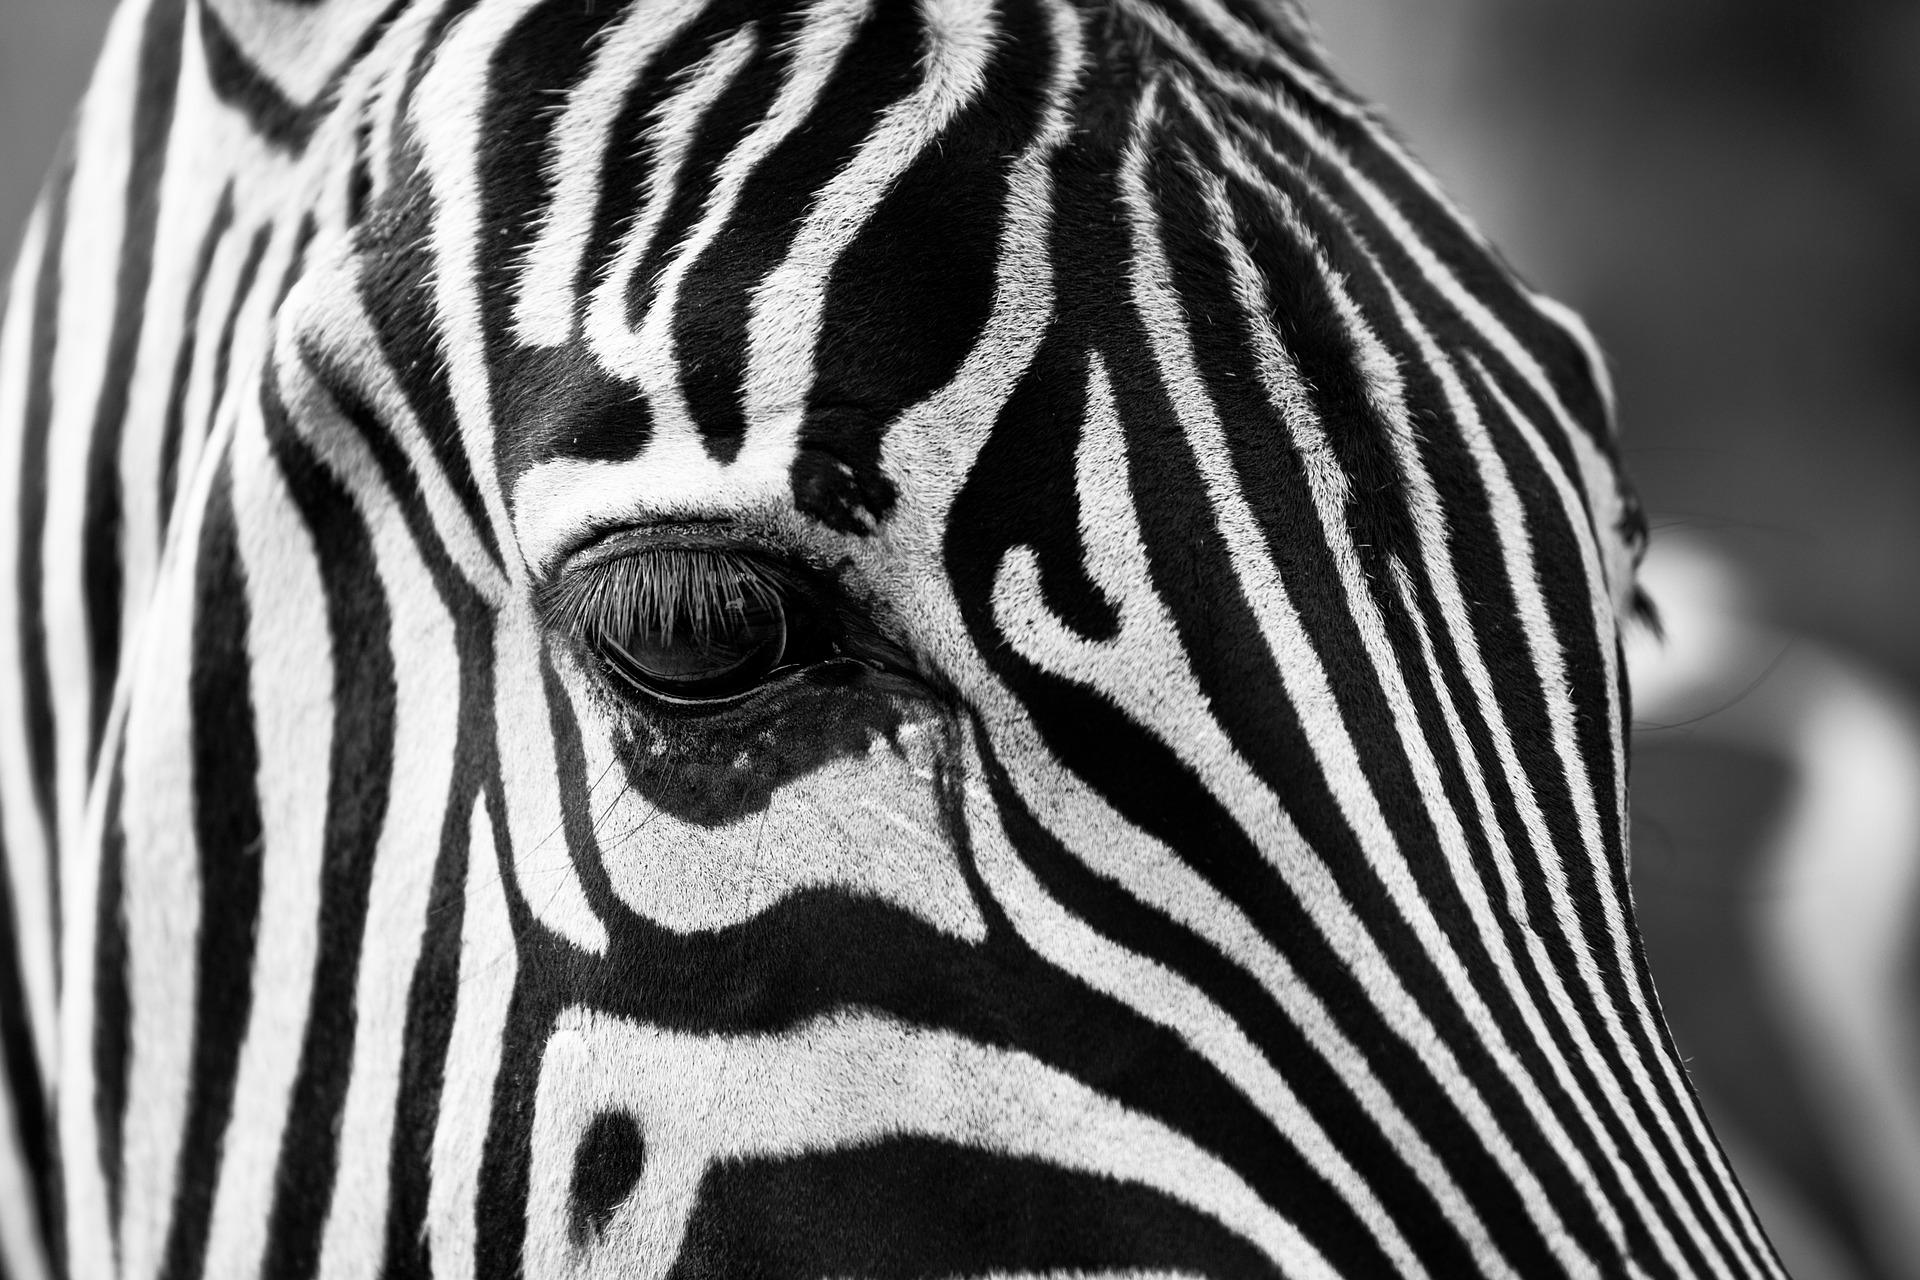 zebra-630149_1920.jpg